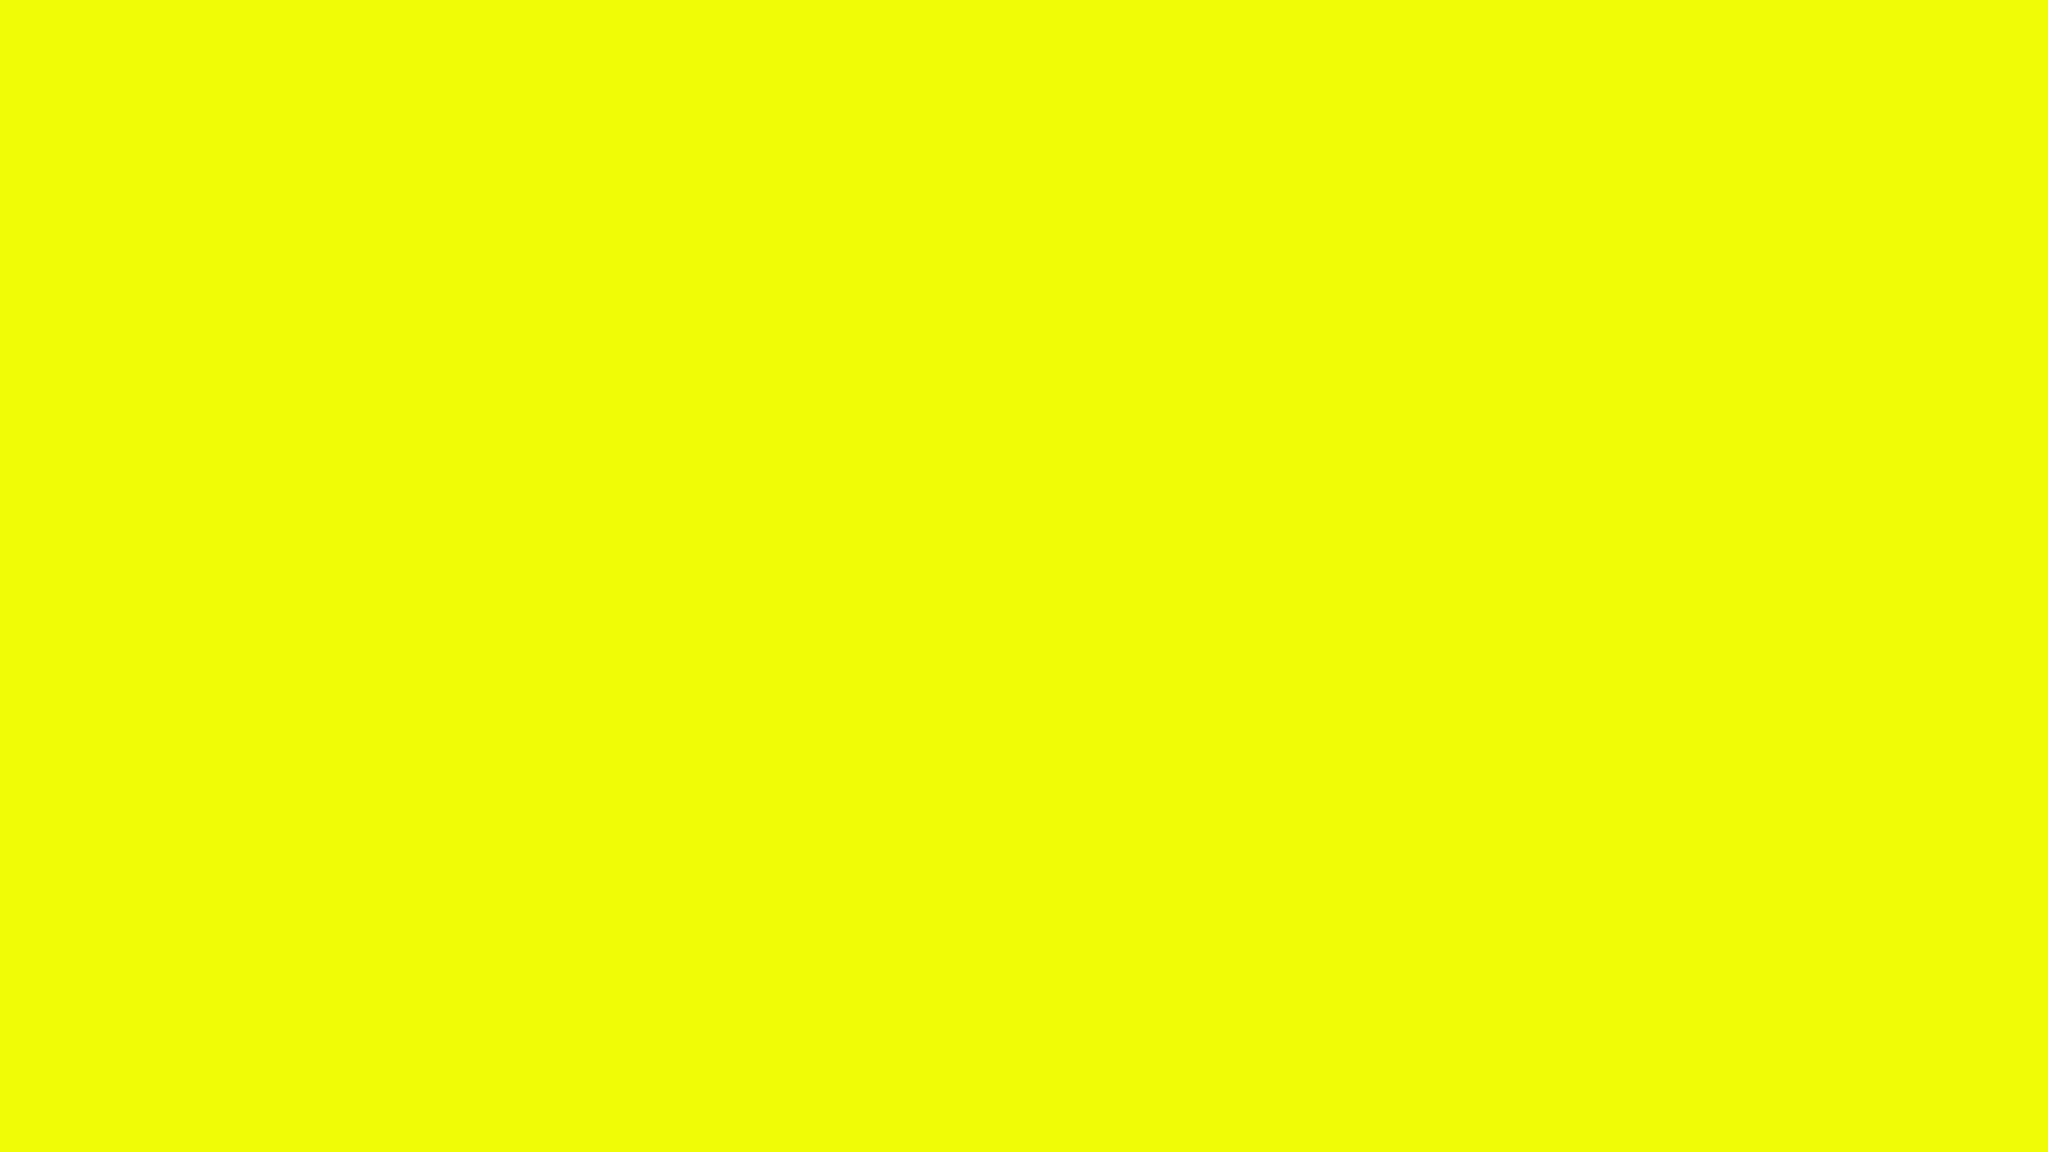 Symphony In Yellow av Byström, Alfvéns Roslagsvår och Hillborgs En midsommarnattsdröm